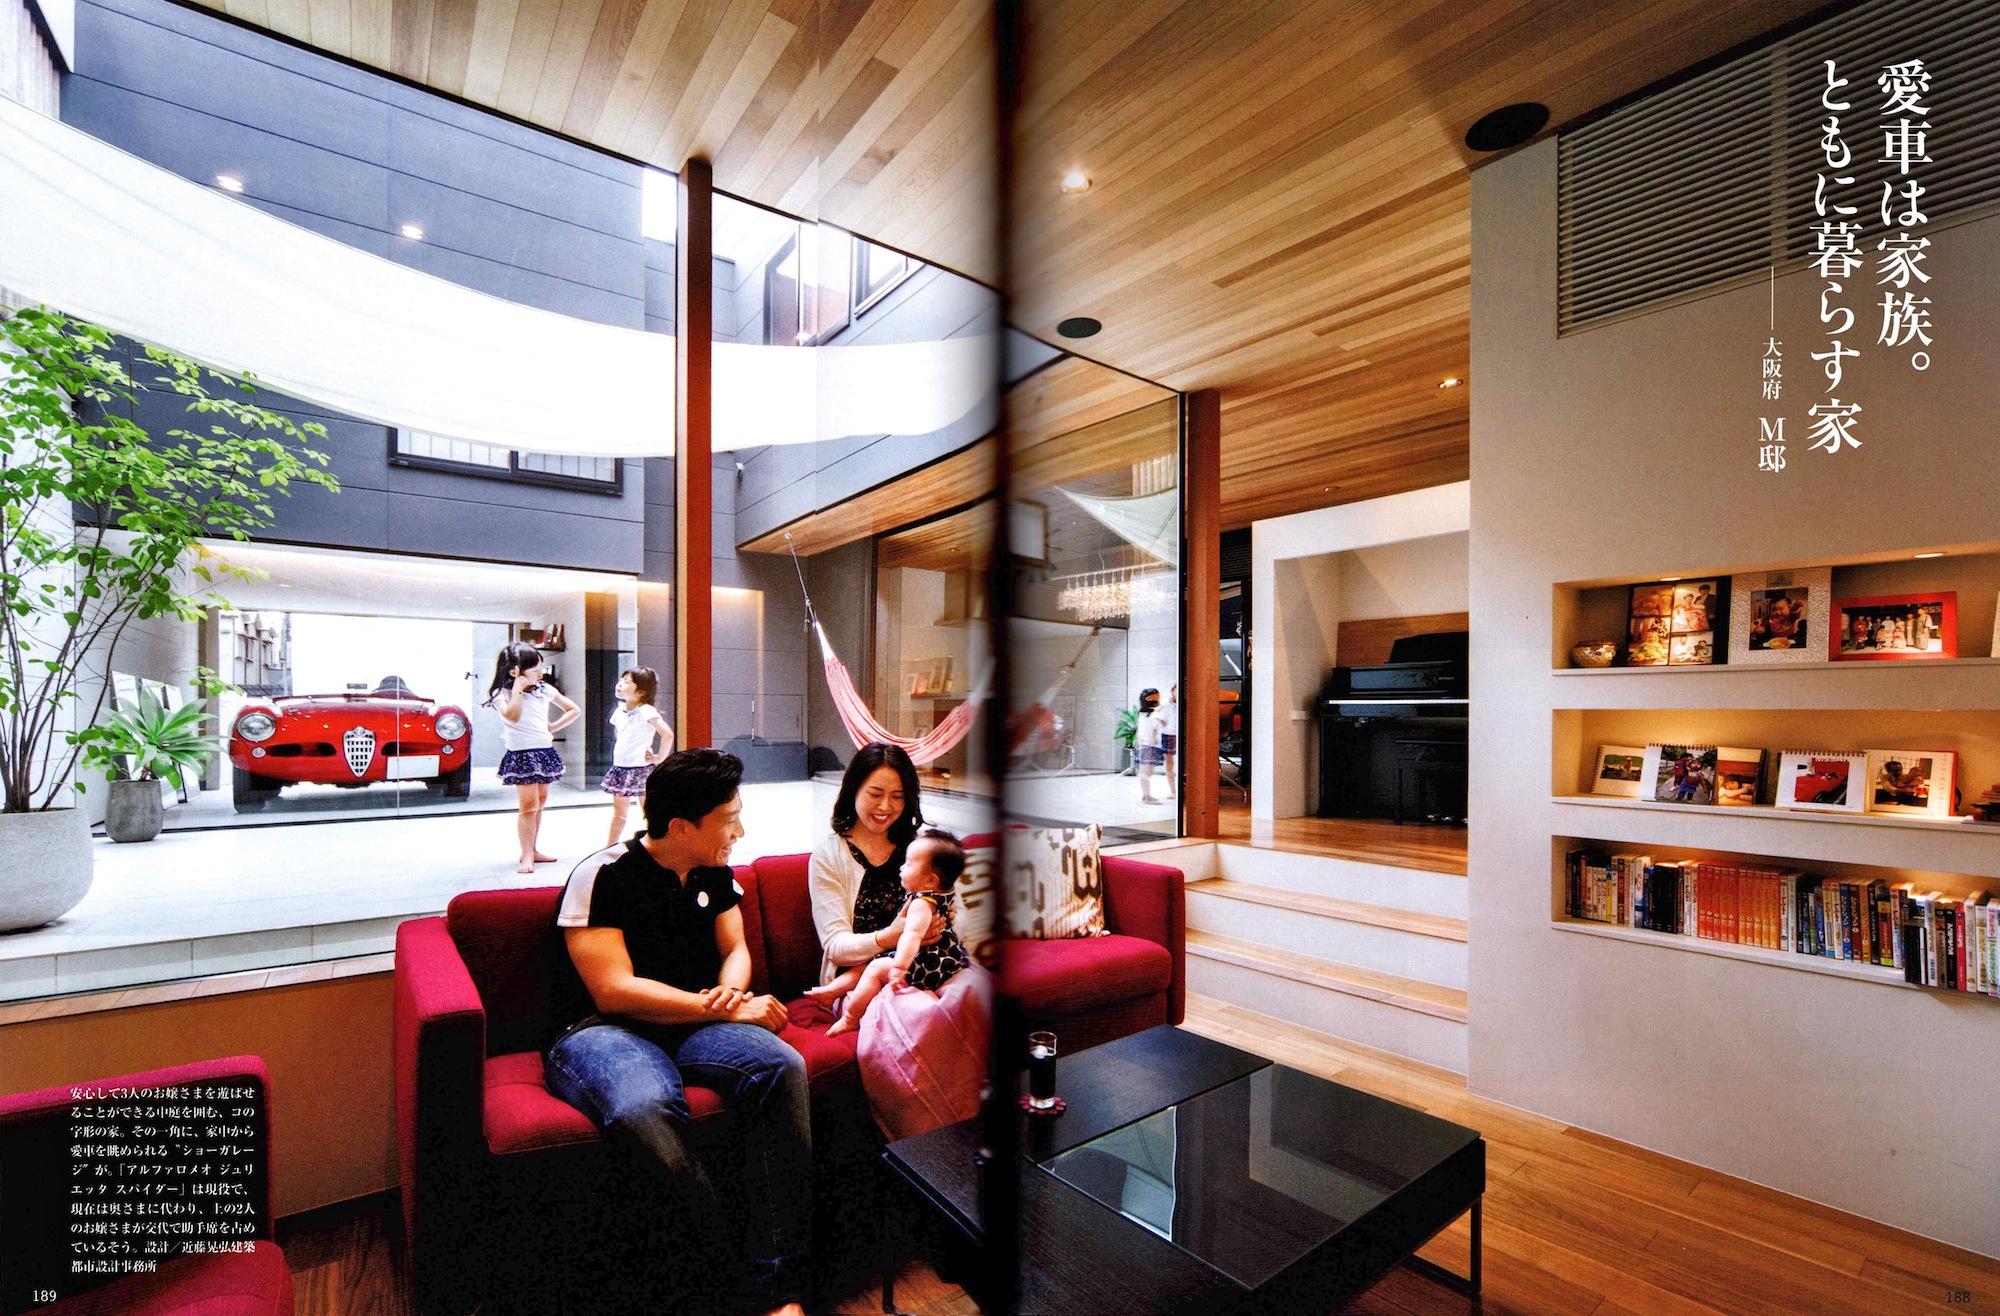 家庭画報掲載,建築家,大阪,設計事務所,ガレージハウス